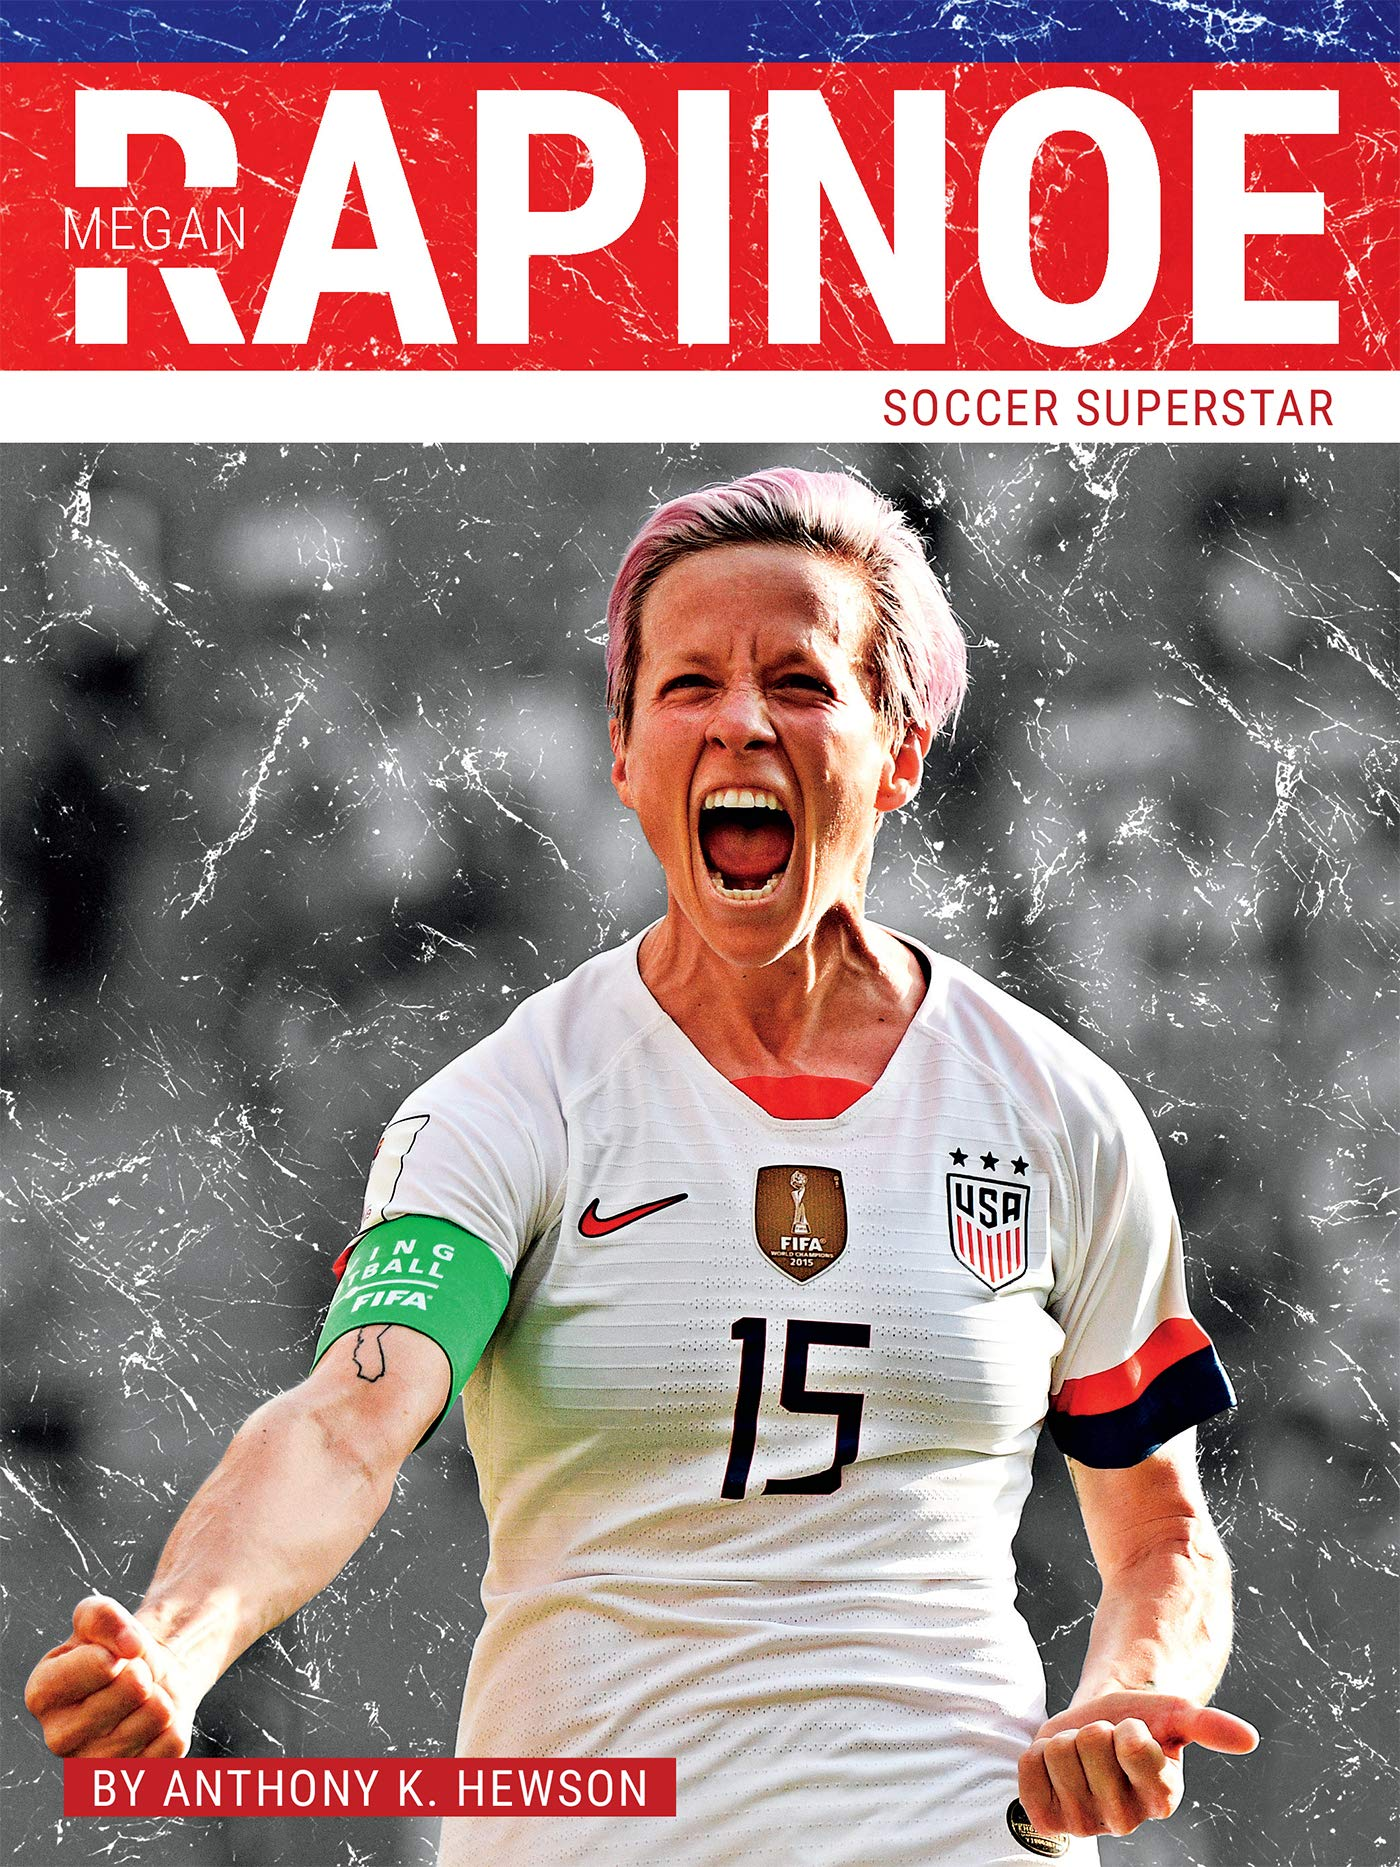 Megan Rapinoe: Soccer Superstar by North Star Editions